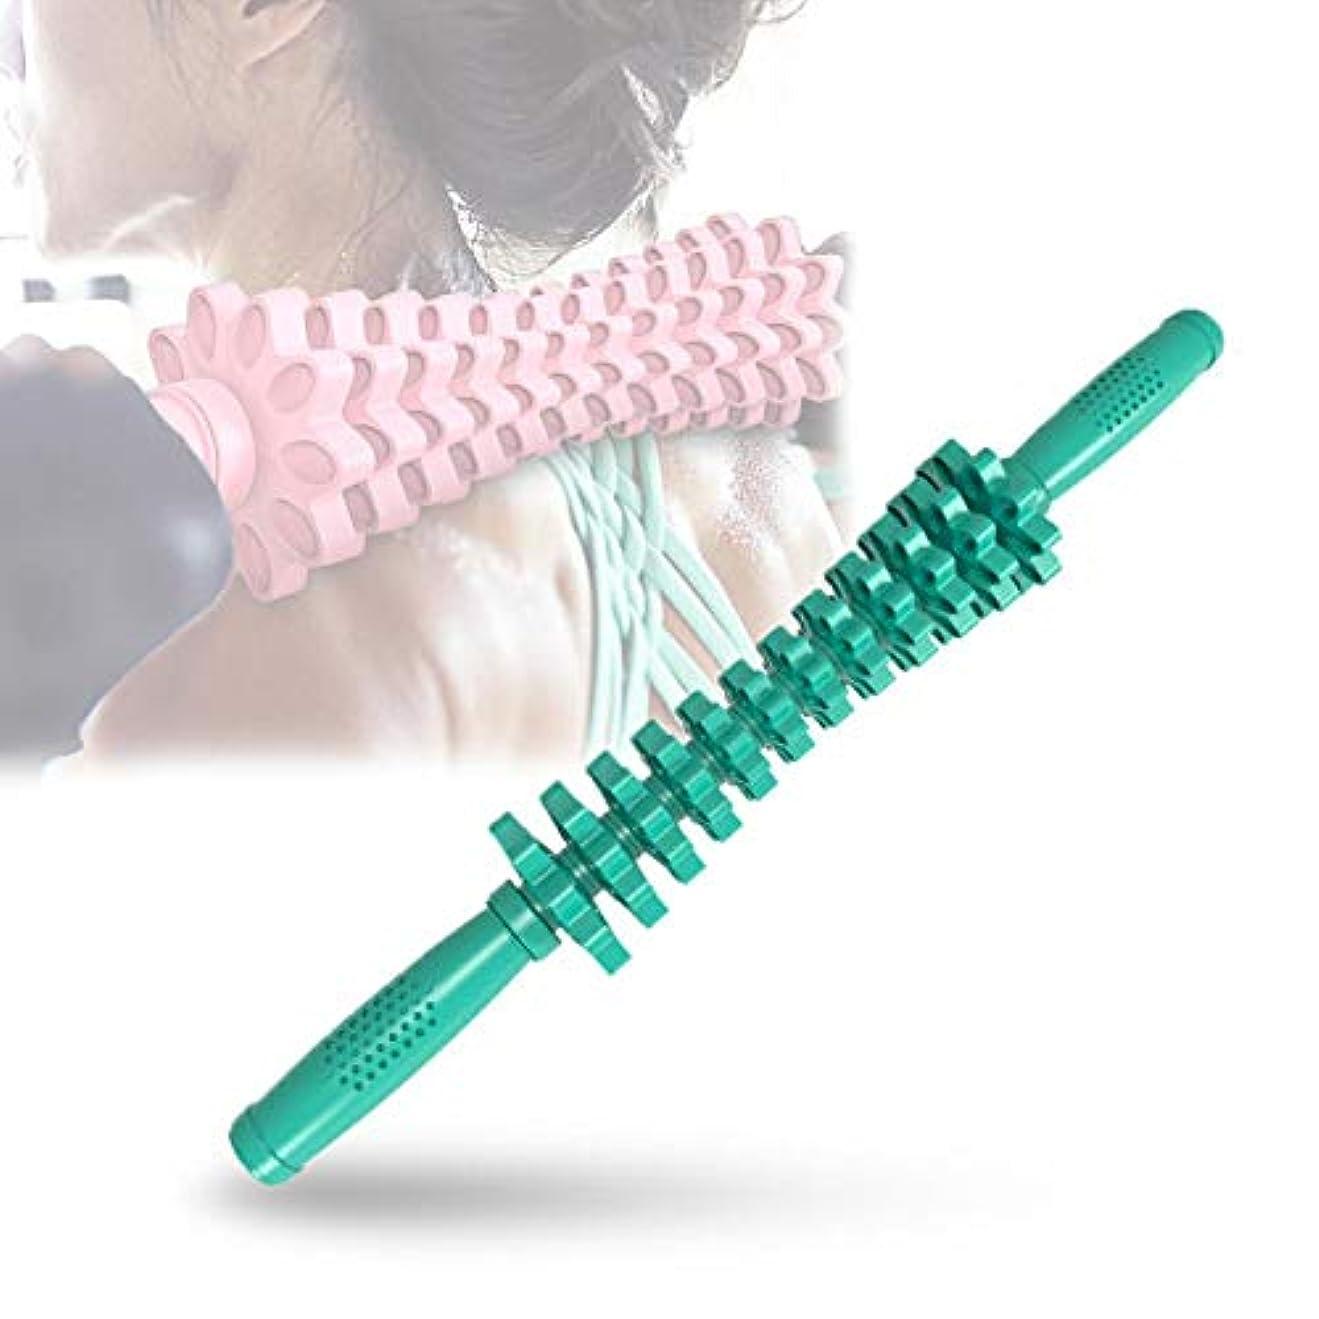 シーボード横向きおもしろいフォームローラー 筋肉マッサージおよび筋筋膜のトリガーポイント解放のためのギヤマッサージャーの取り外し可能なポリ塩化ビニールの快適な滑り止め